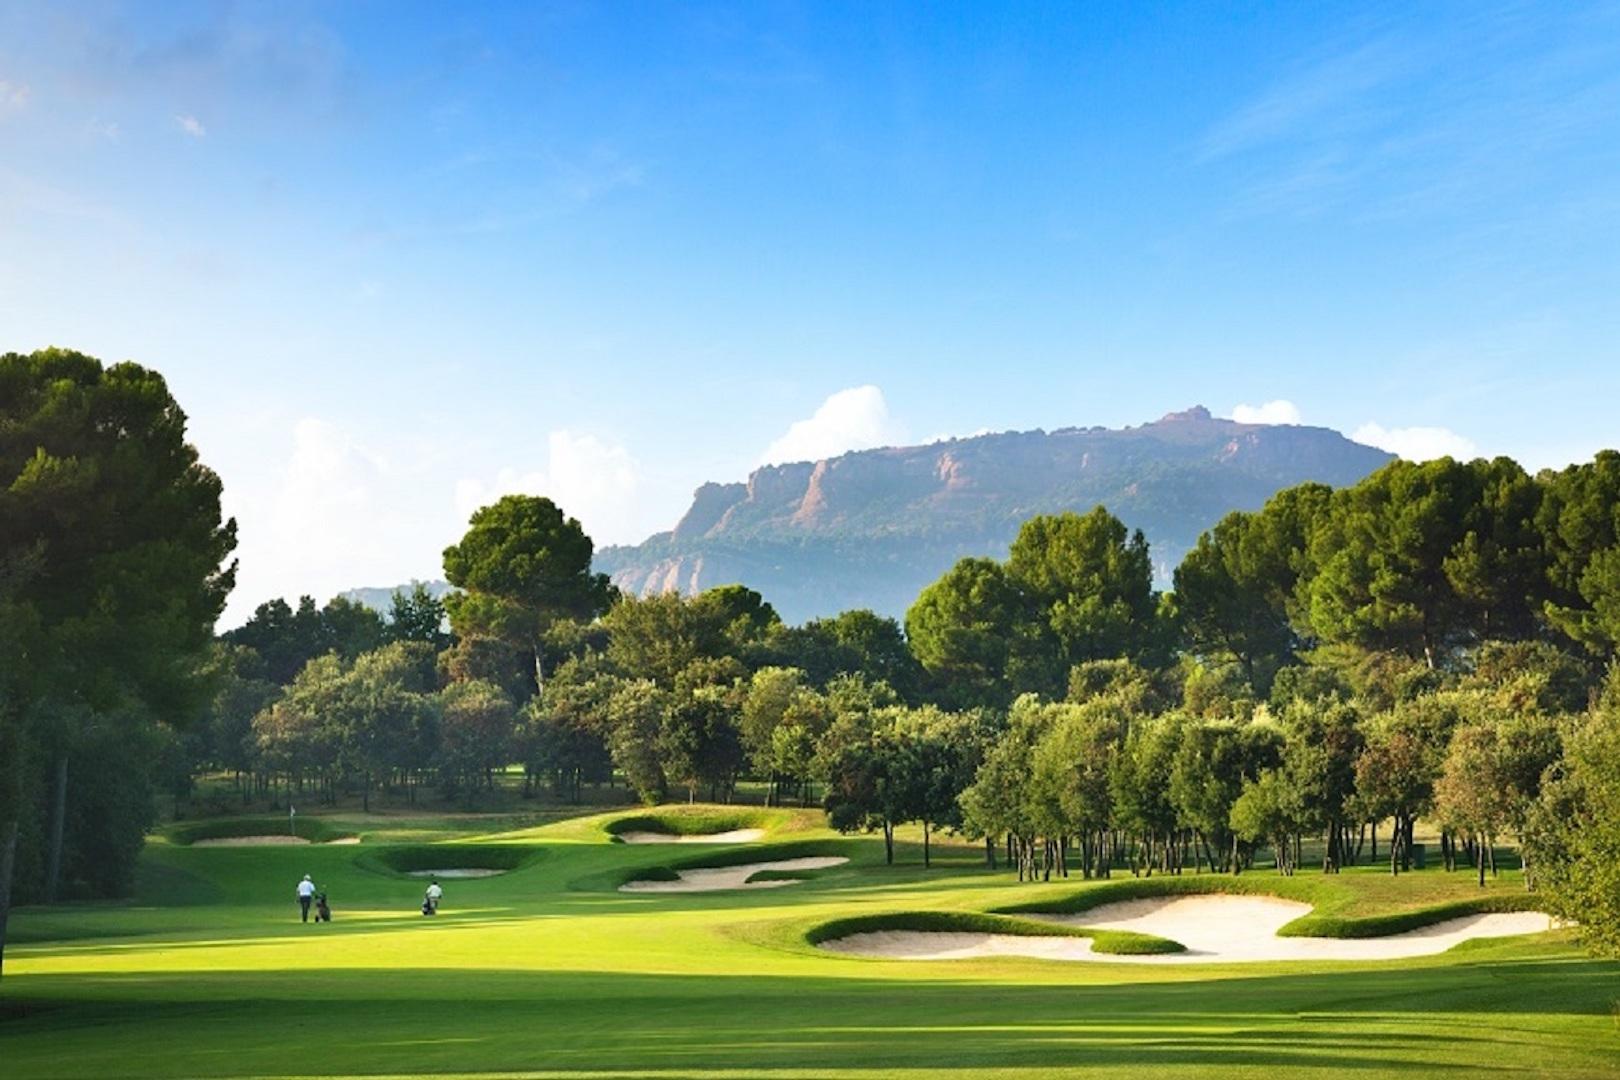 Real Club De Golf El Prat uses historic past